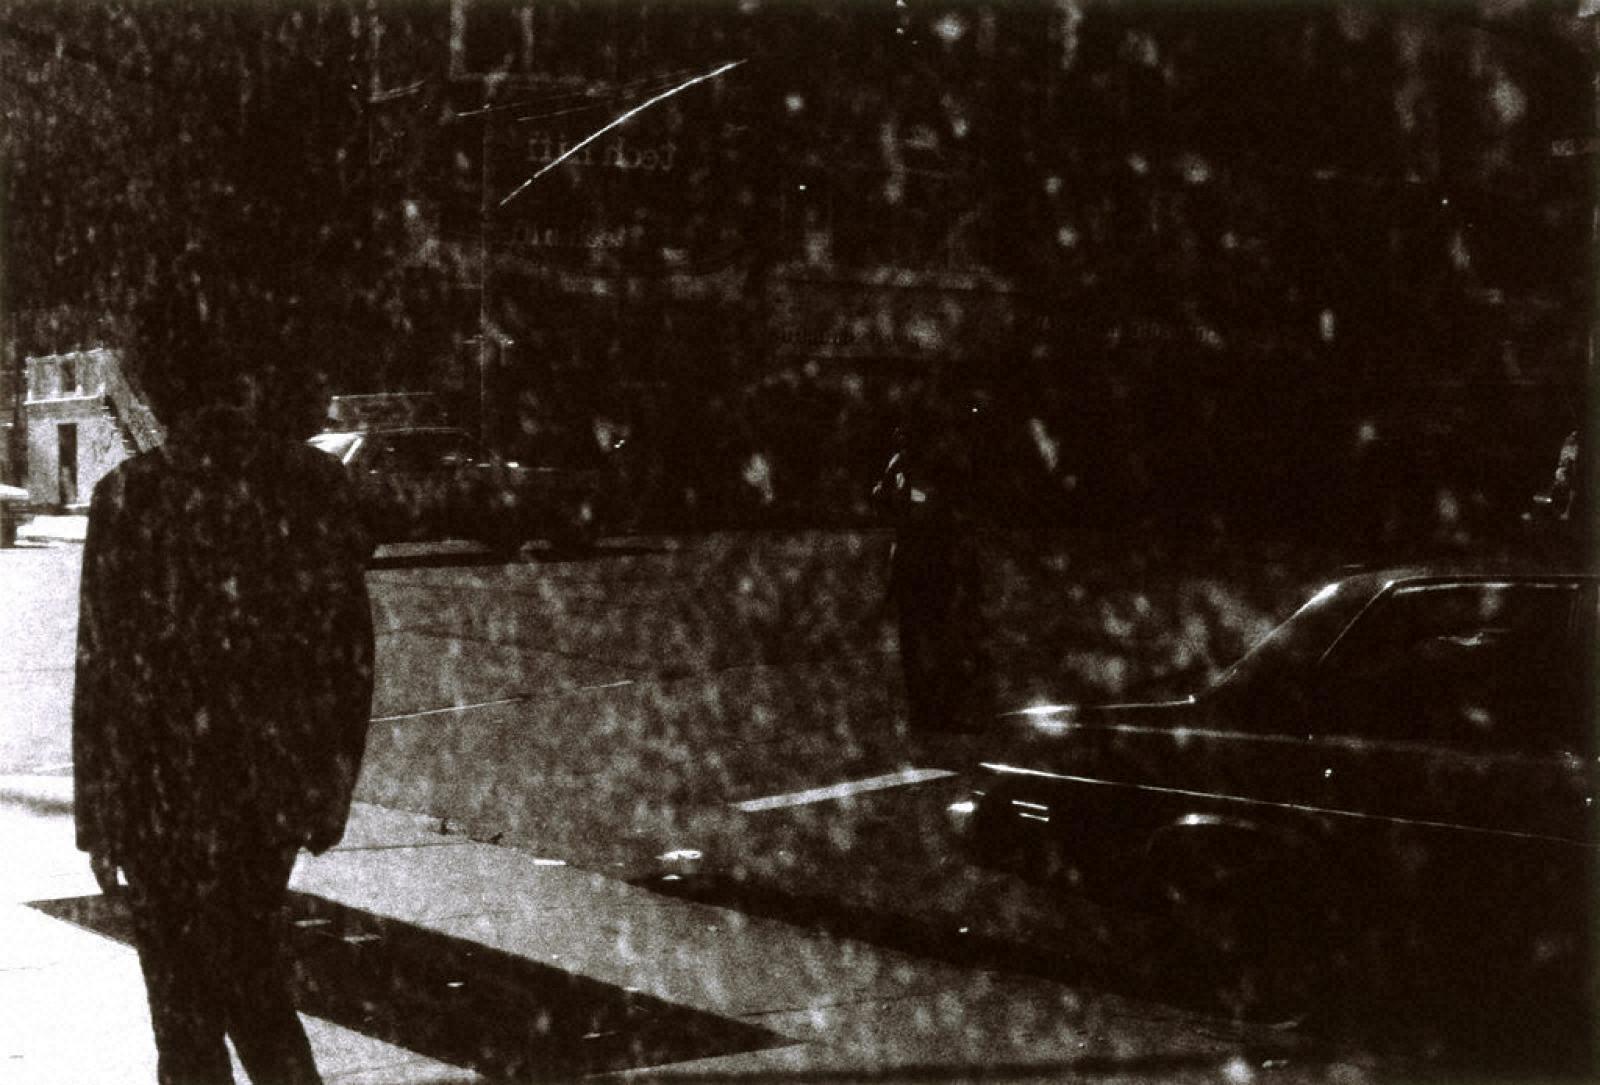 [Jun SHIRAOKA Photographs 1970-1998]米国、ニュ-ヨ-ク市(マディソン街 67丁目)、1978年9月20日